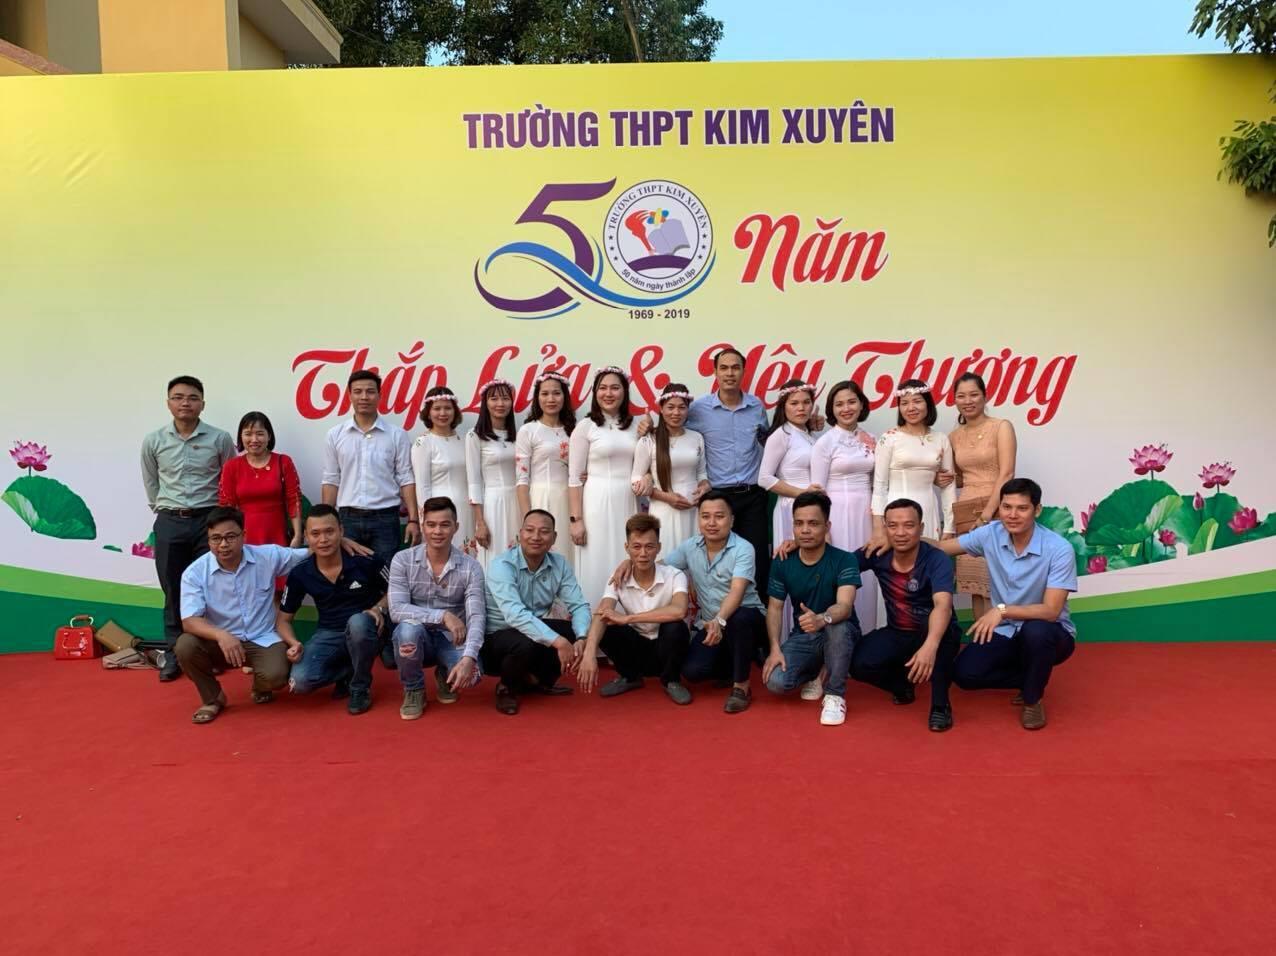 Trường THPT Kim Xuyên kỷ niệm 50 năm ngày thành lập trường - Ảnh 7